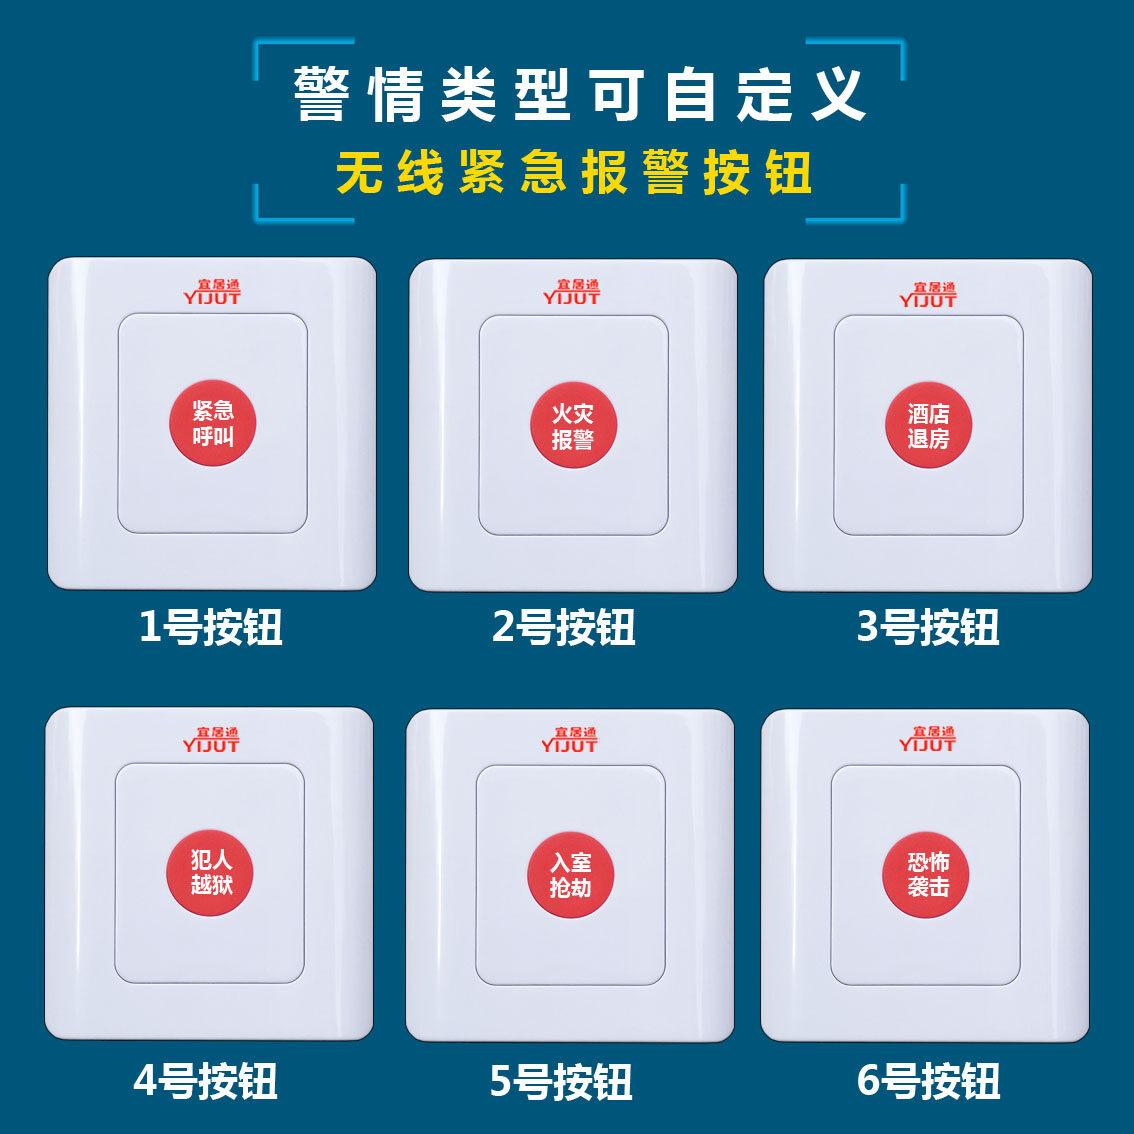 按钮开关 深圳市宜居科技有限公司 紧急求助报警按钮 无线紧急求助